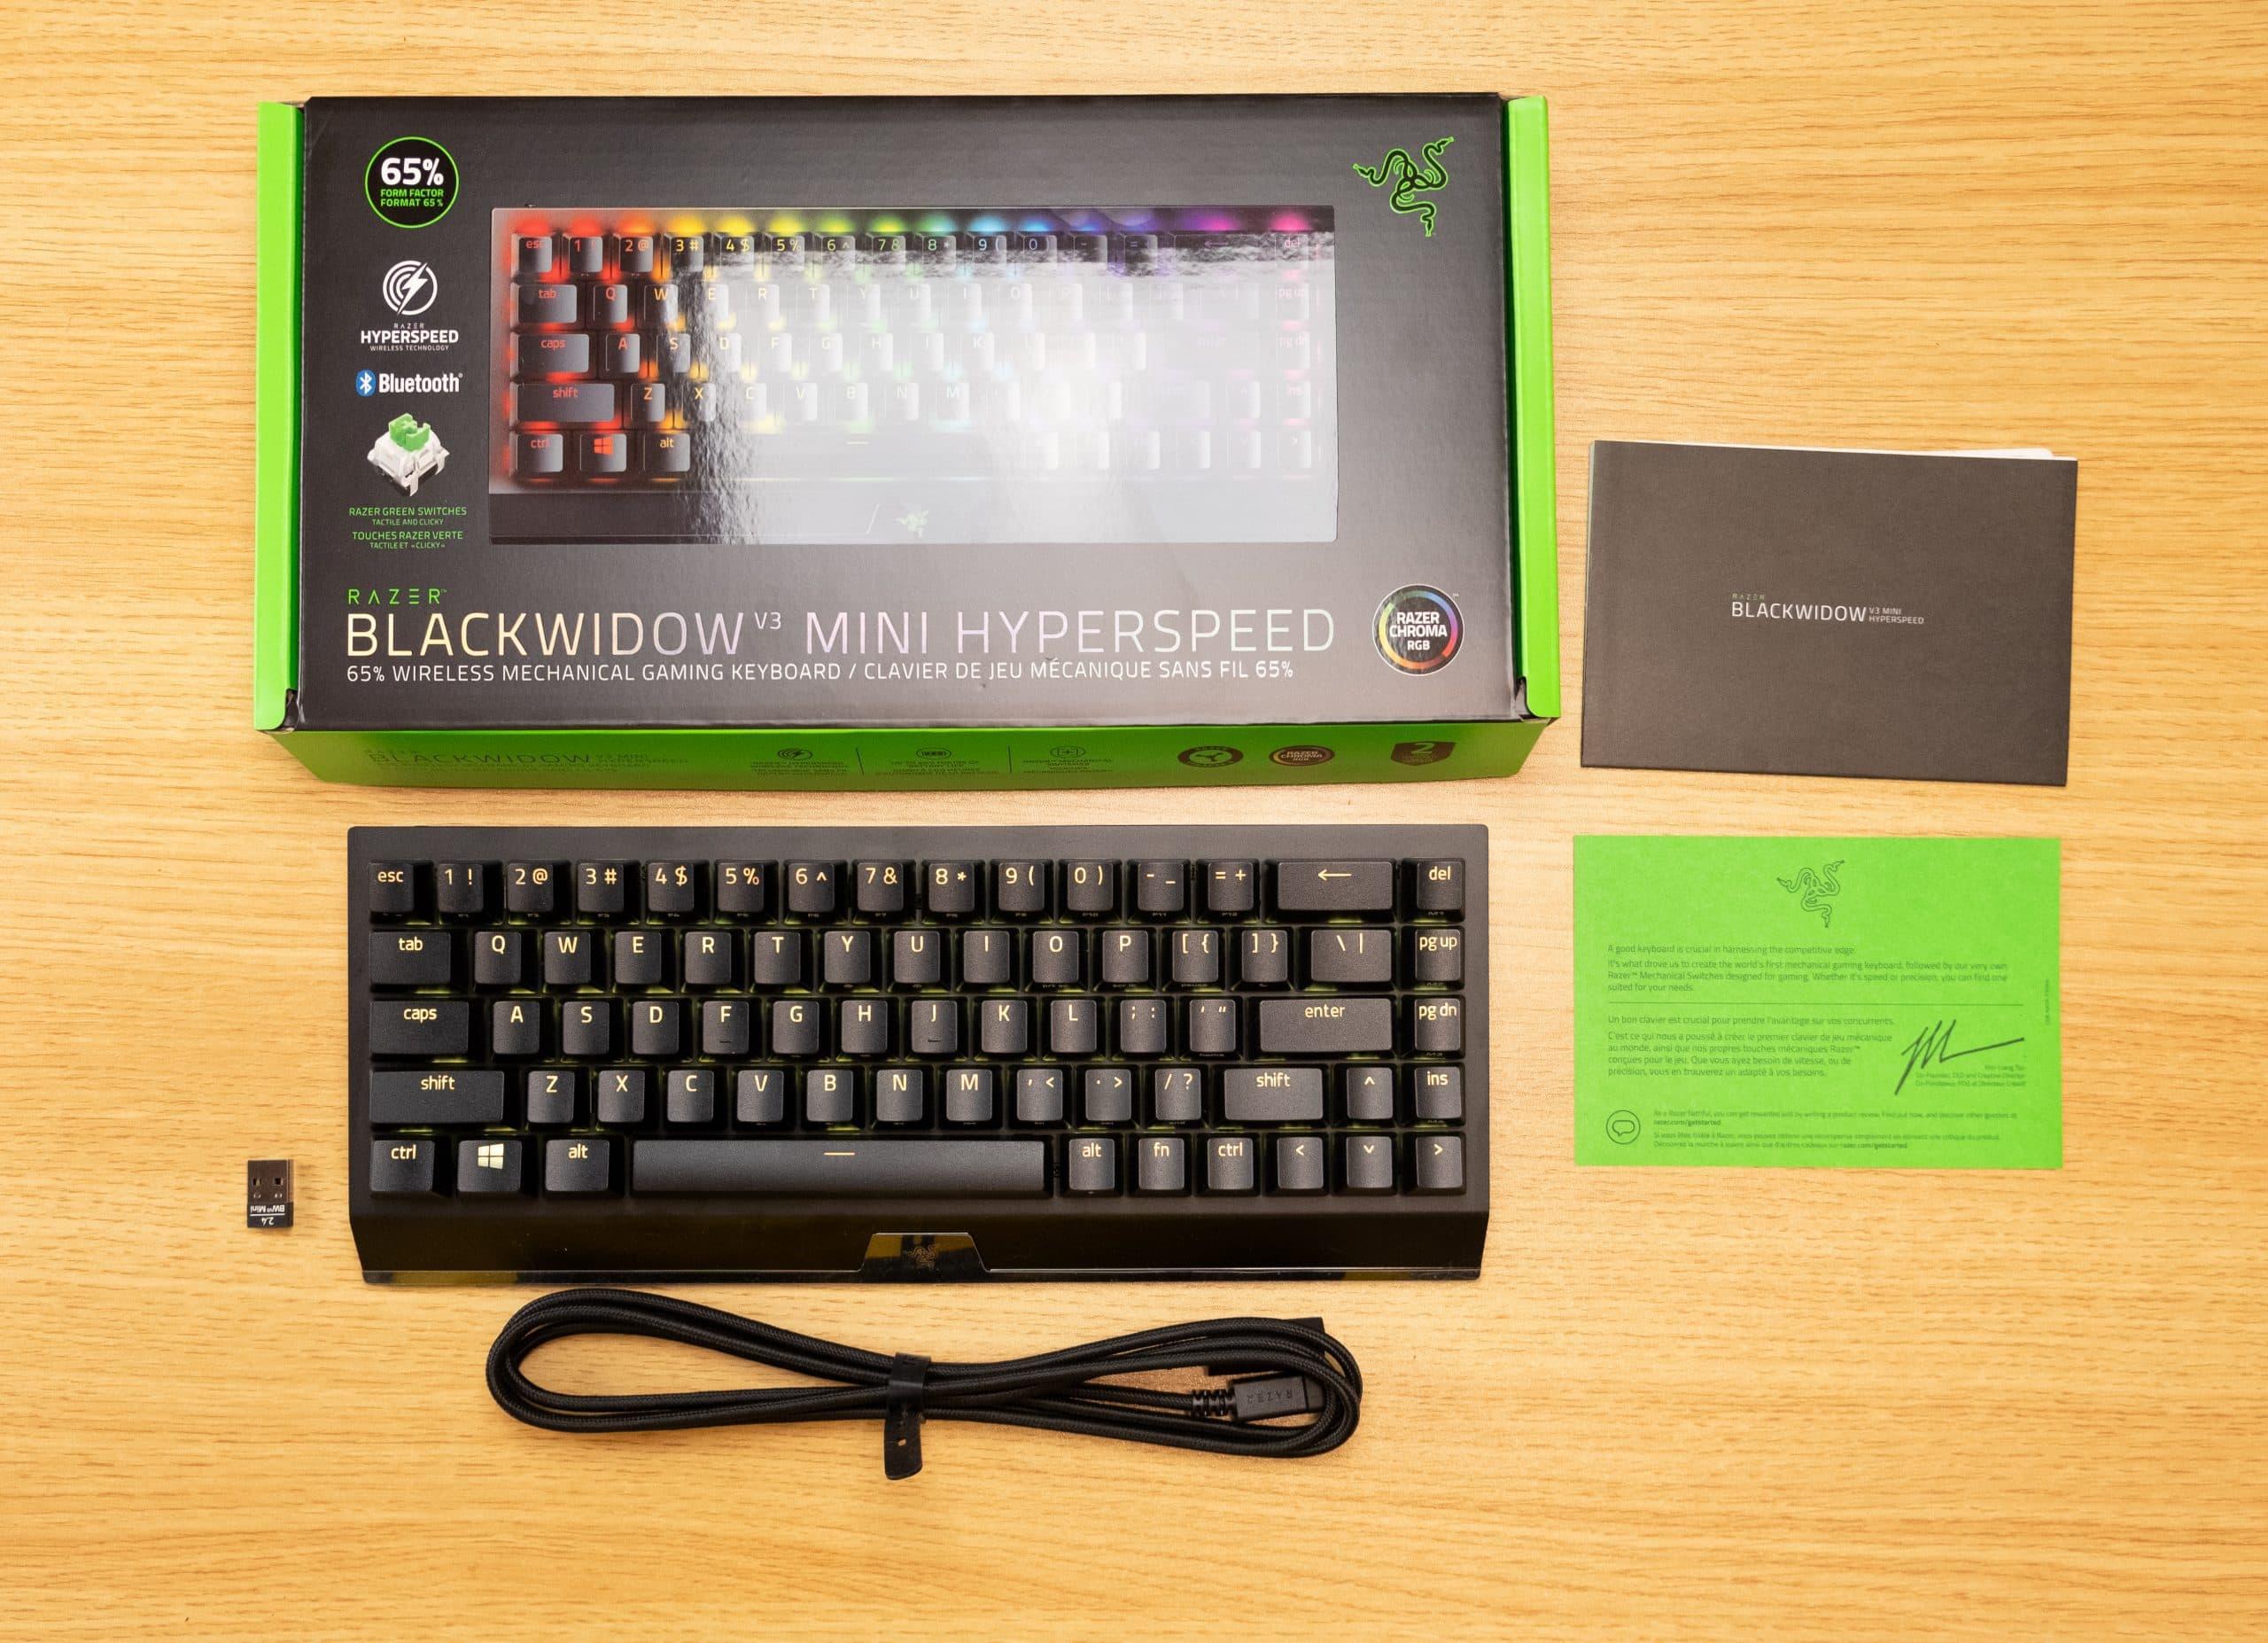 Razer BlackWidow Mini v3 - In the box